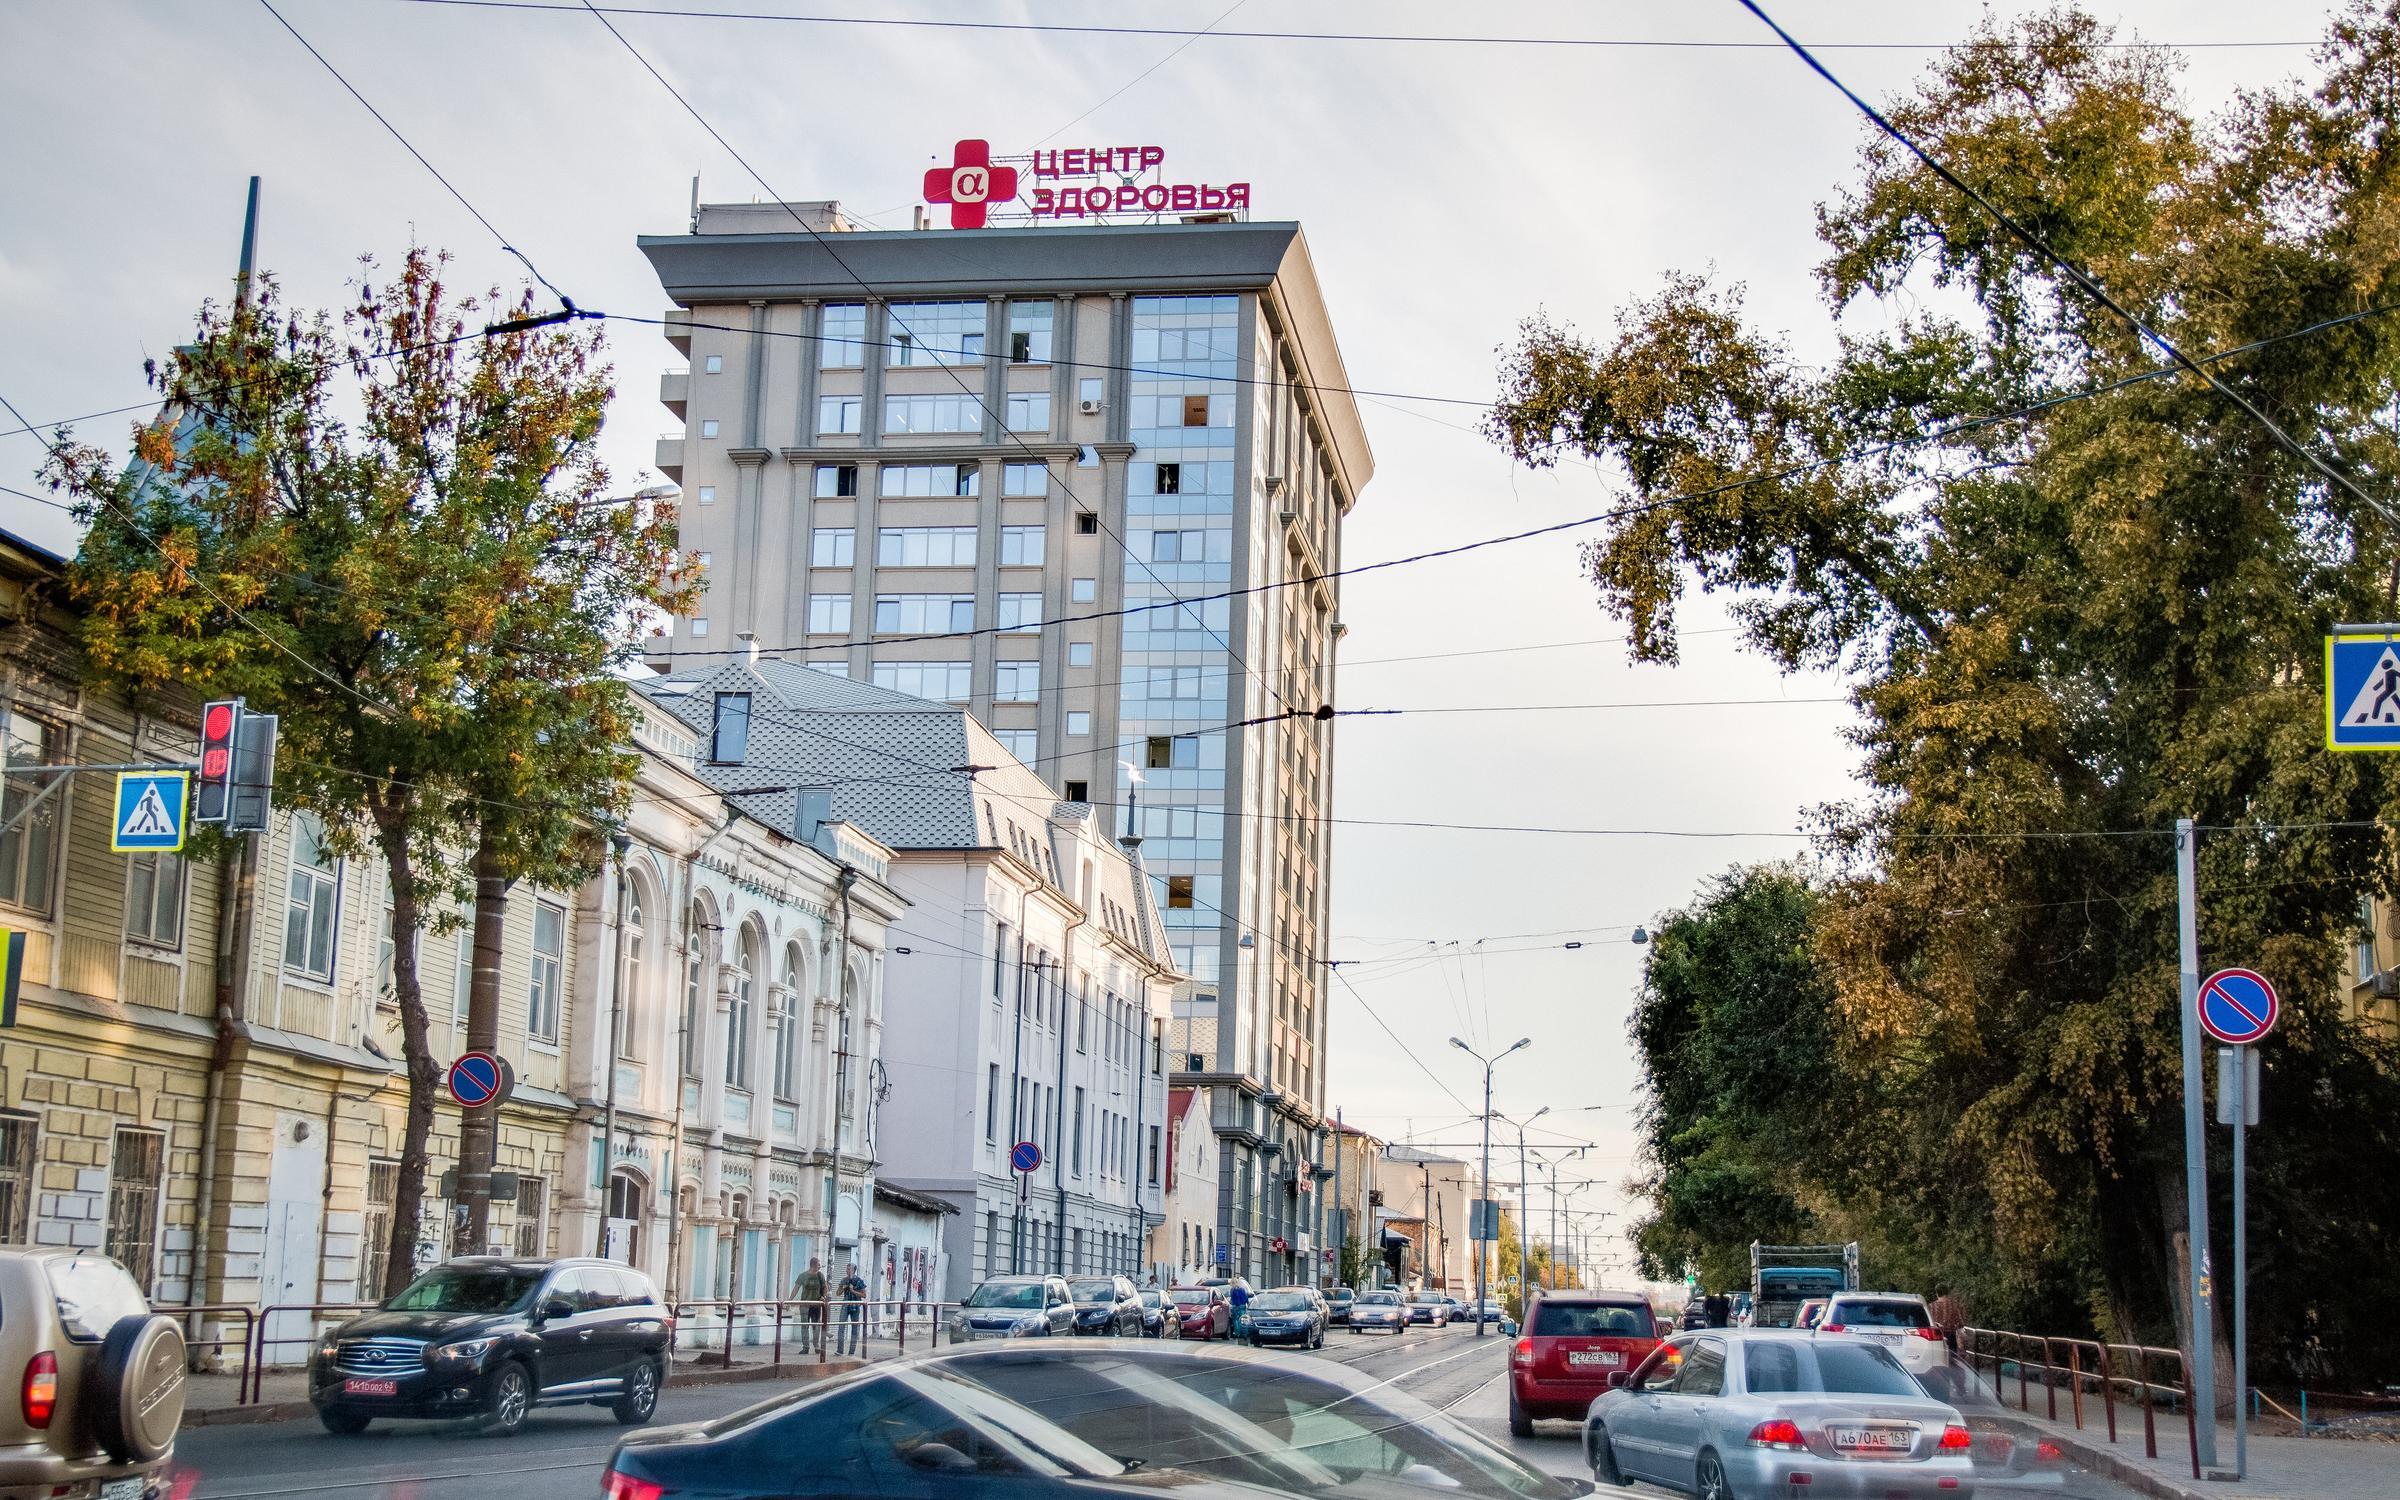 фотография Клиники Альфа - Центр Здоровья на Галактионовской улице